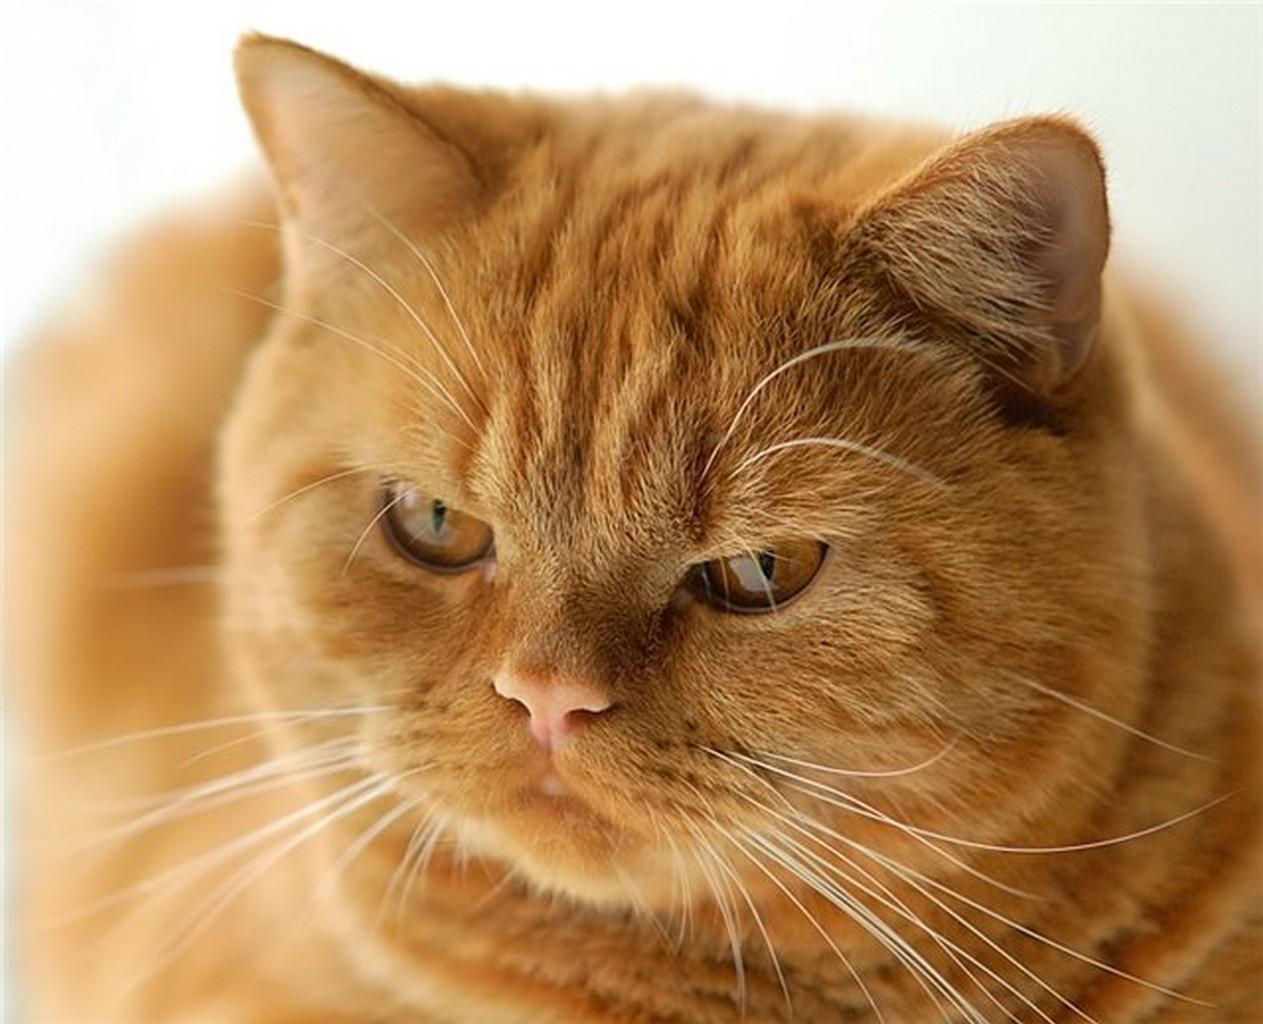 кот, мой кот, кот фото